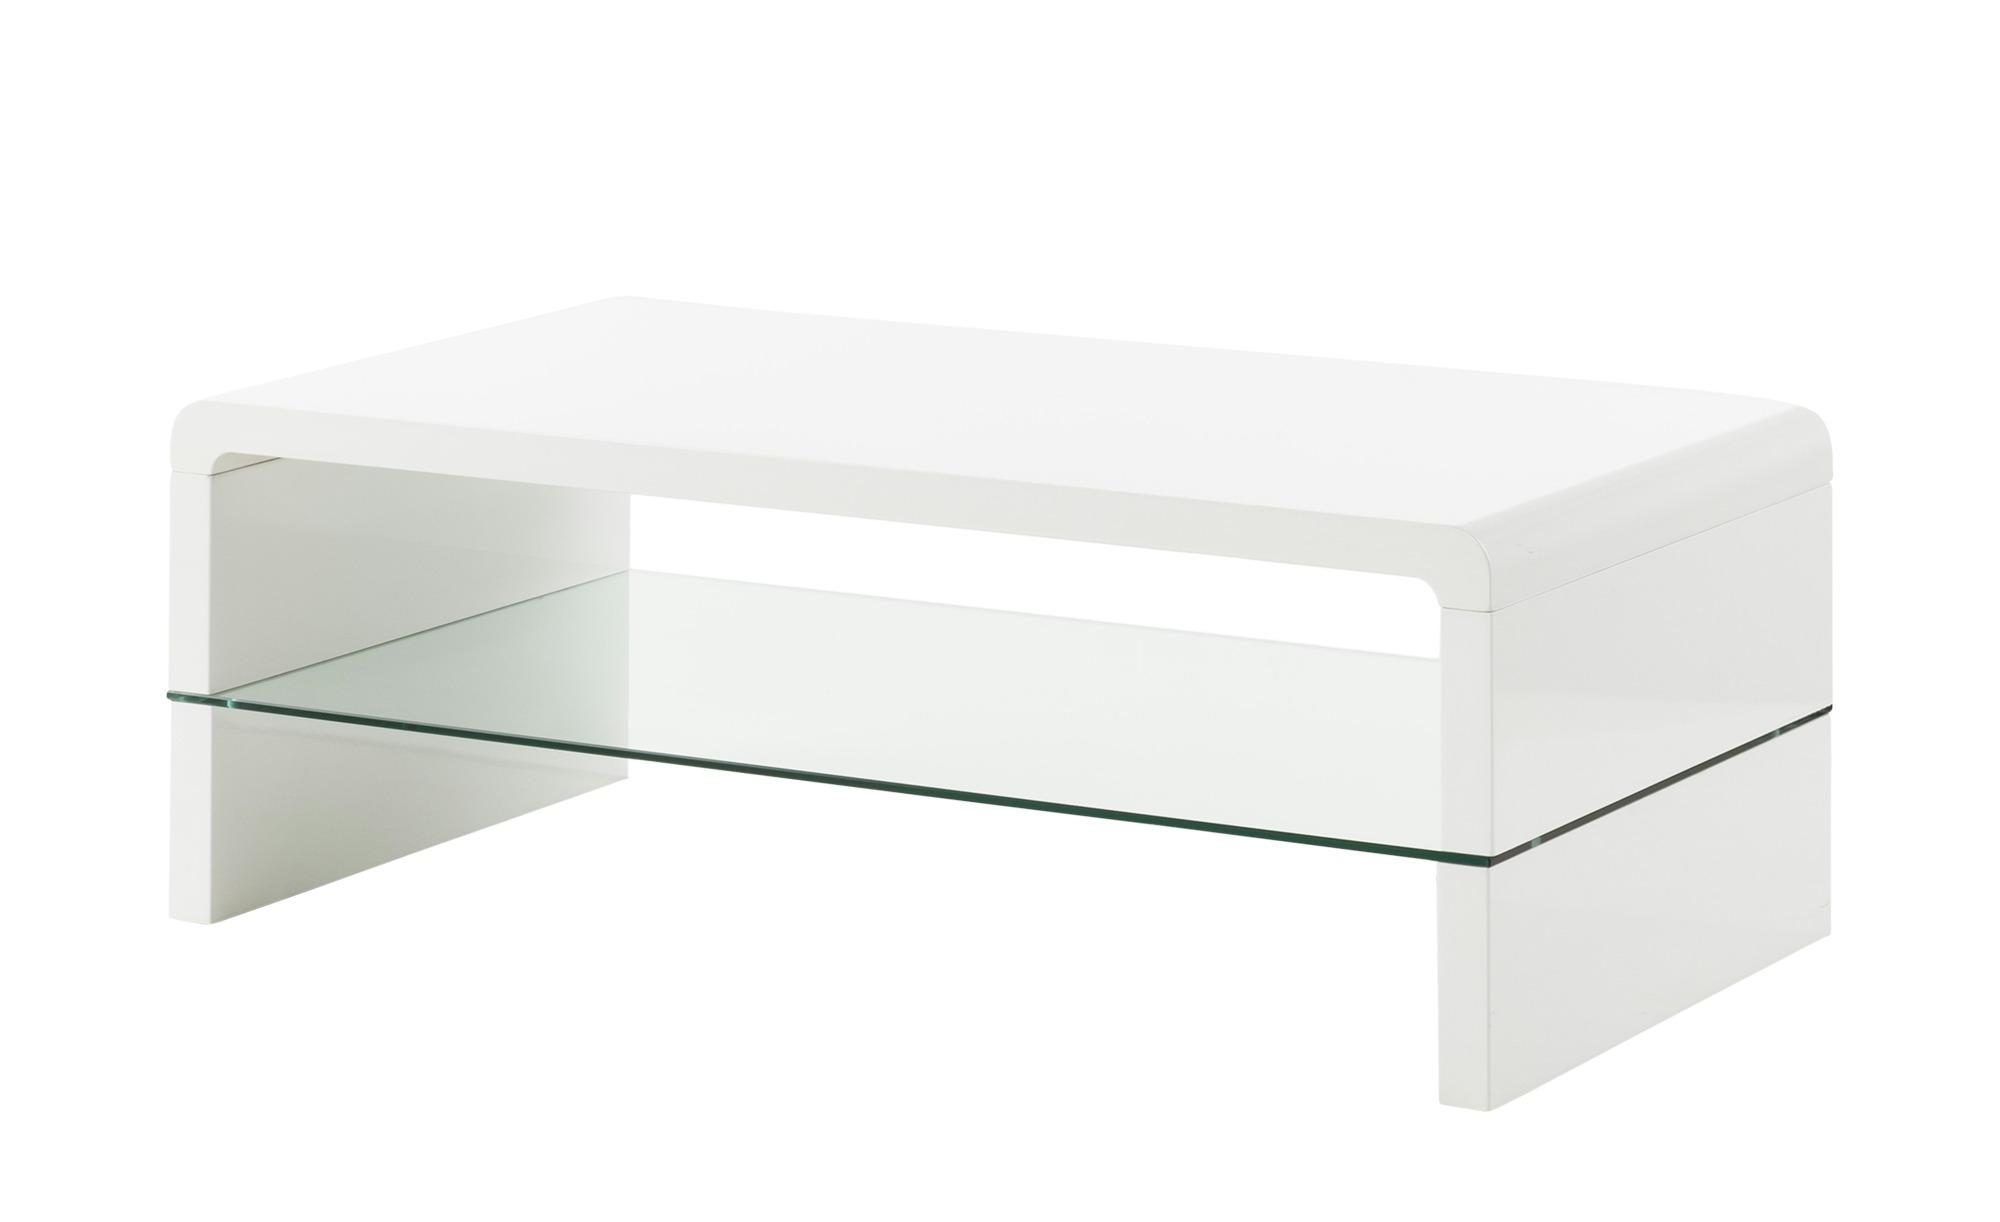 couchtisch wei glas wei bei m bel kraft online kaufen. Black Bedroom Furniture Sets. Home Design Ideas